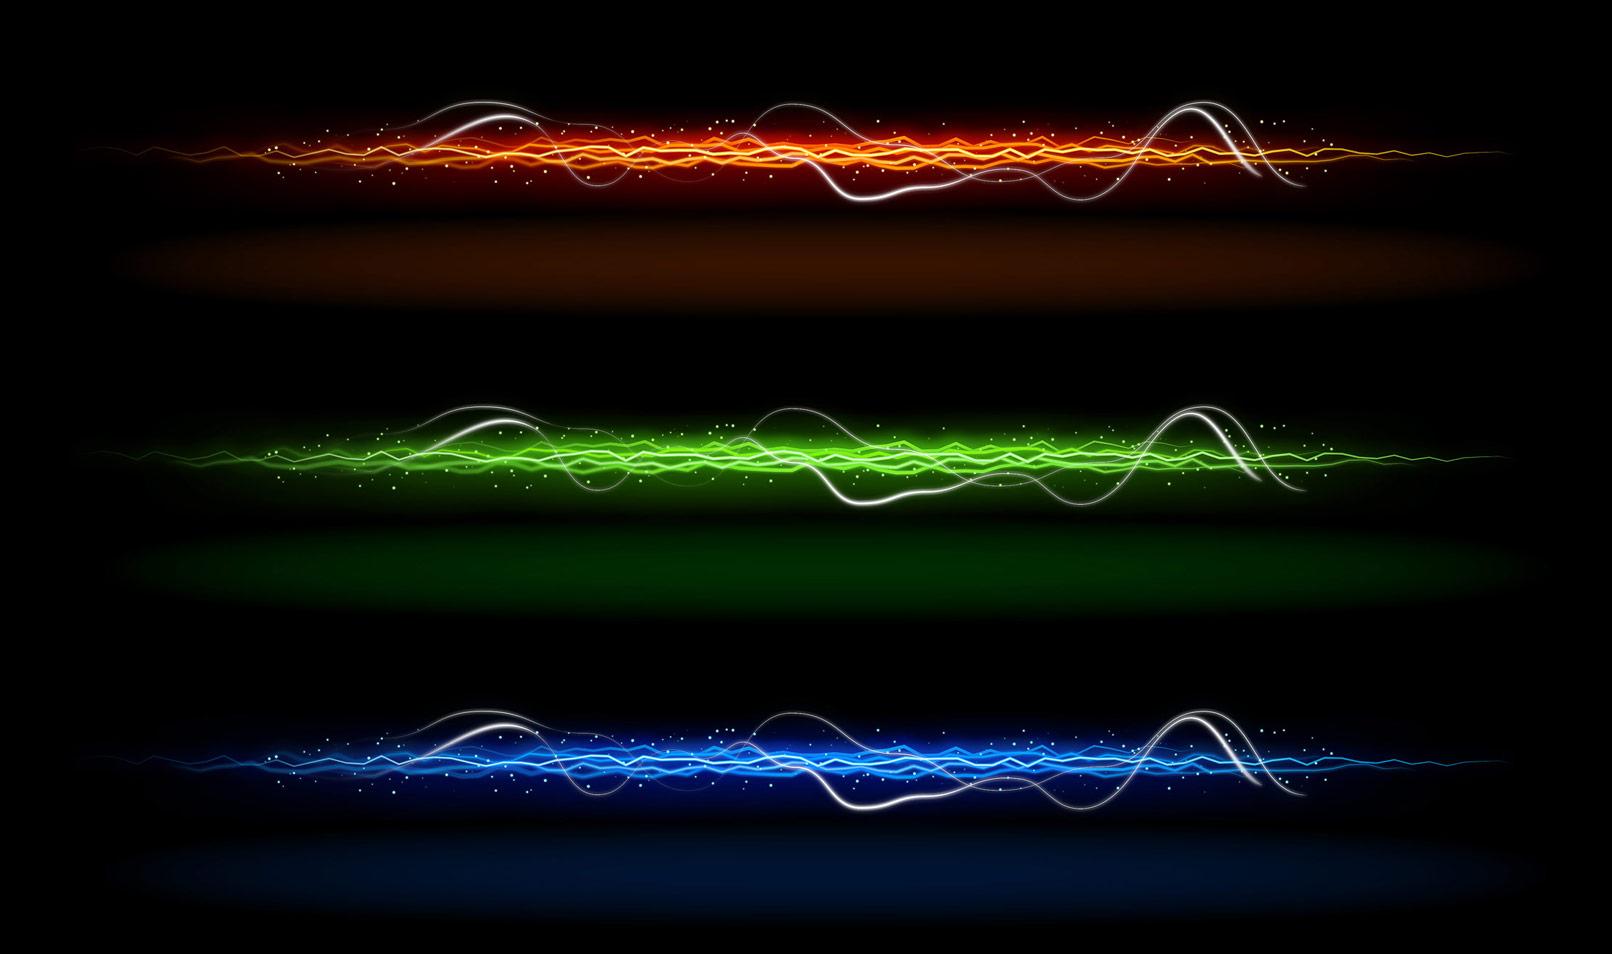 Lichtspuren in verschiedenen Farben, orange, grün und blau